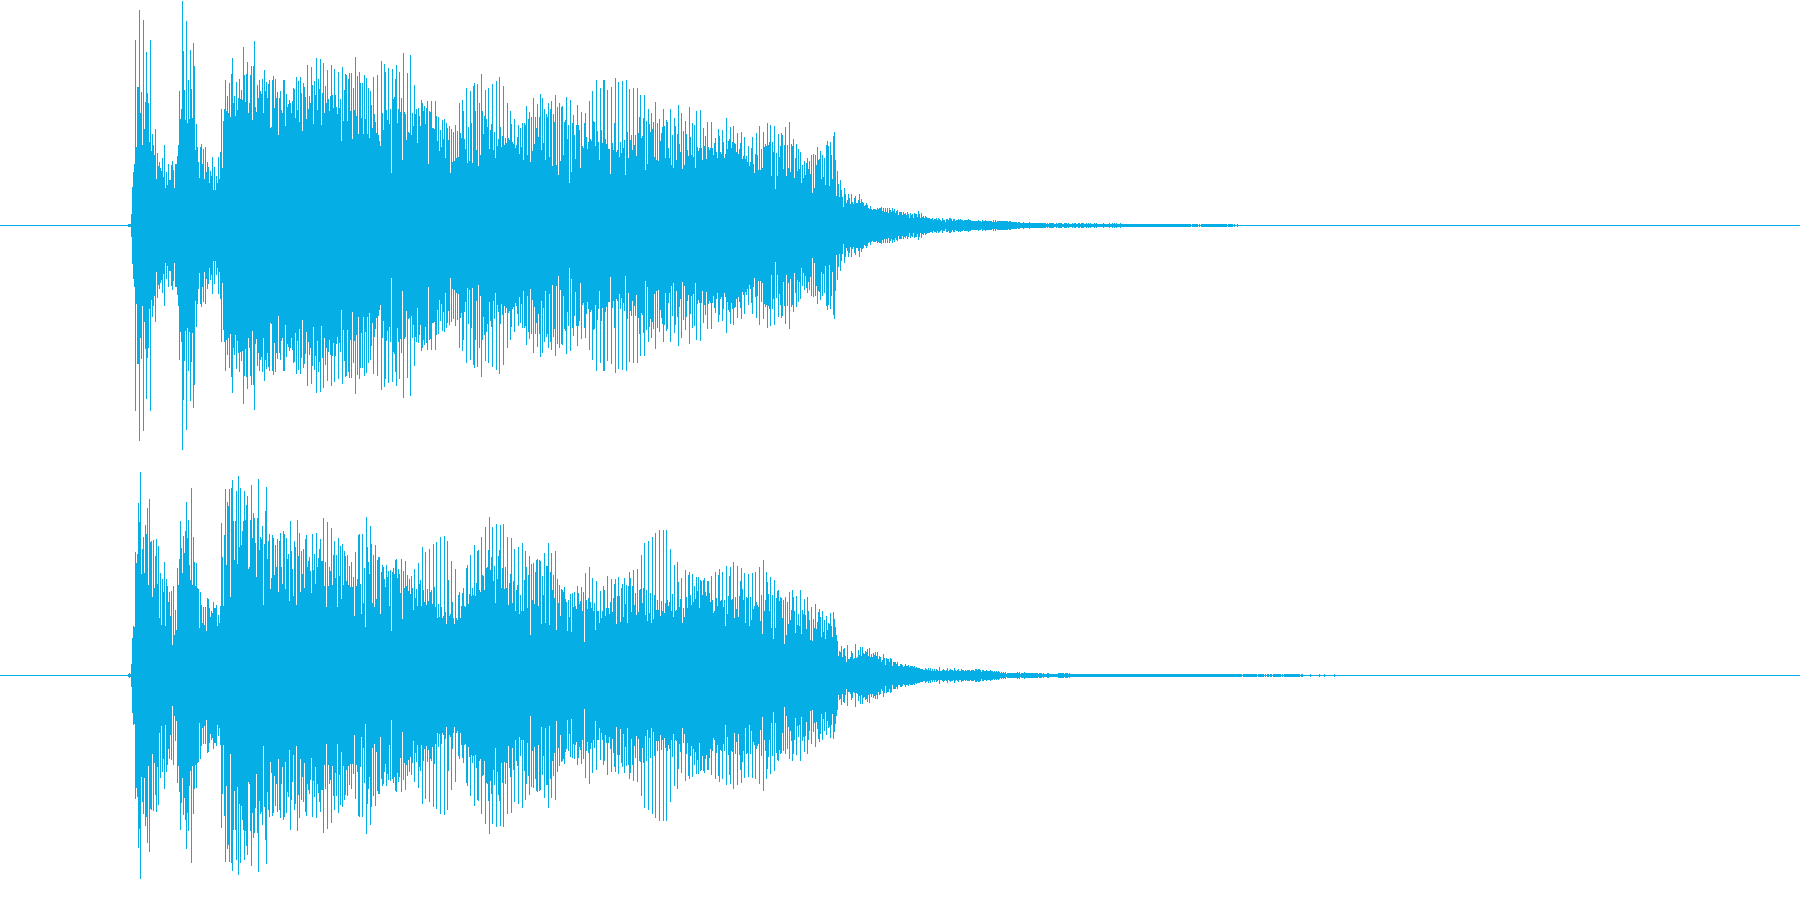 あっさりとシンプルなピアノジングルの再生済みの波形